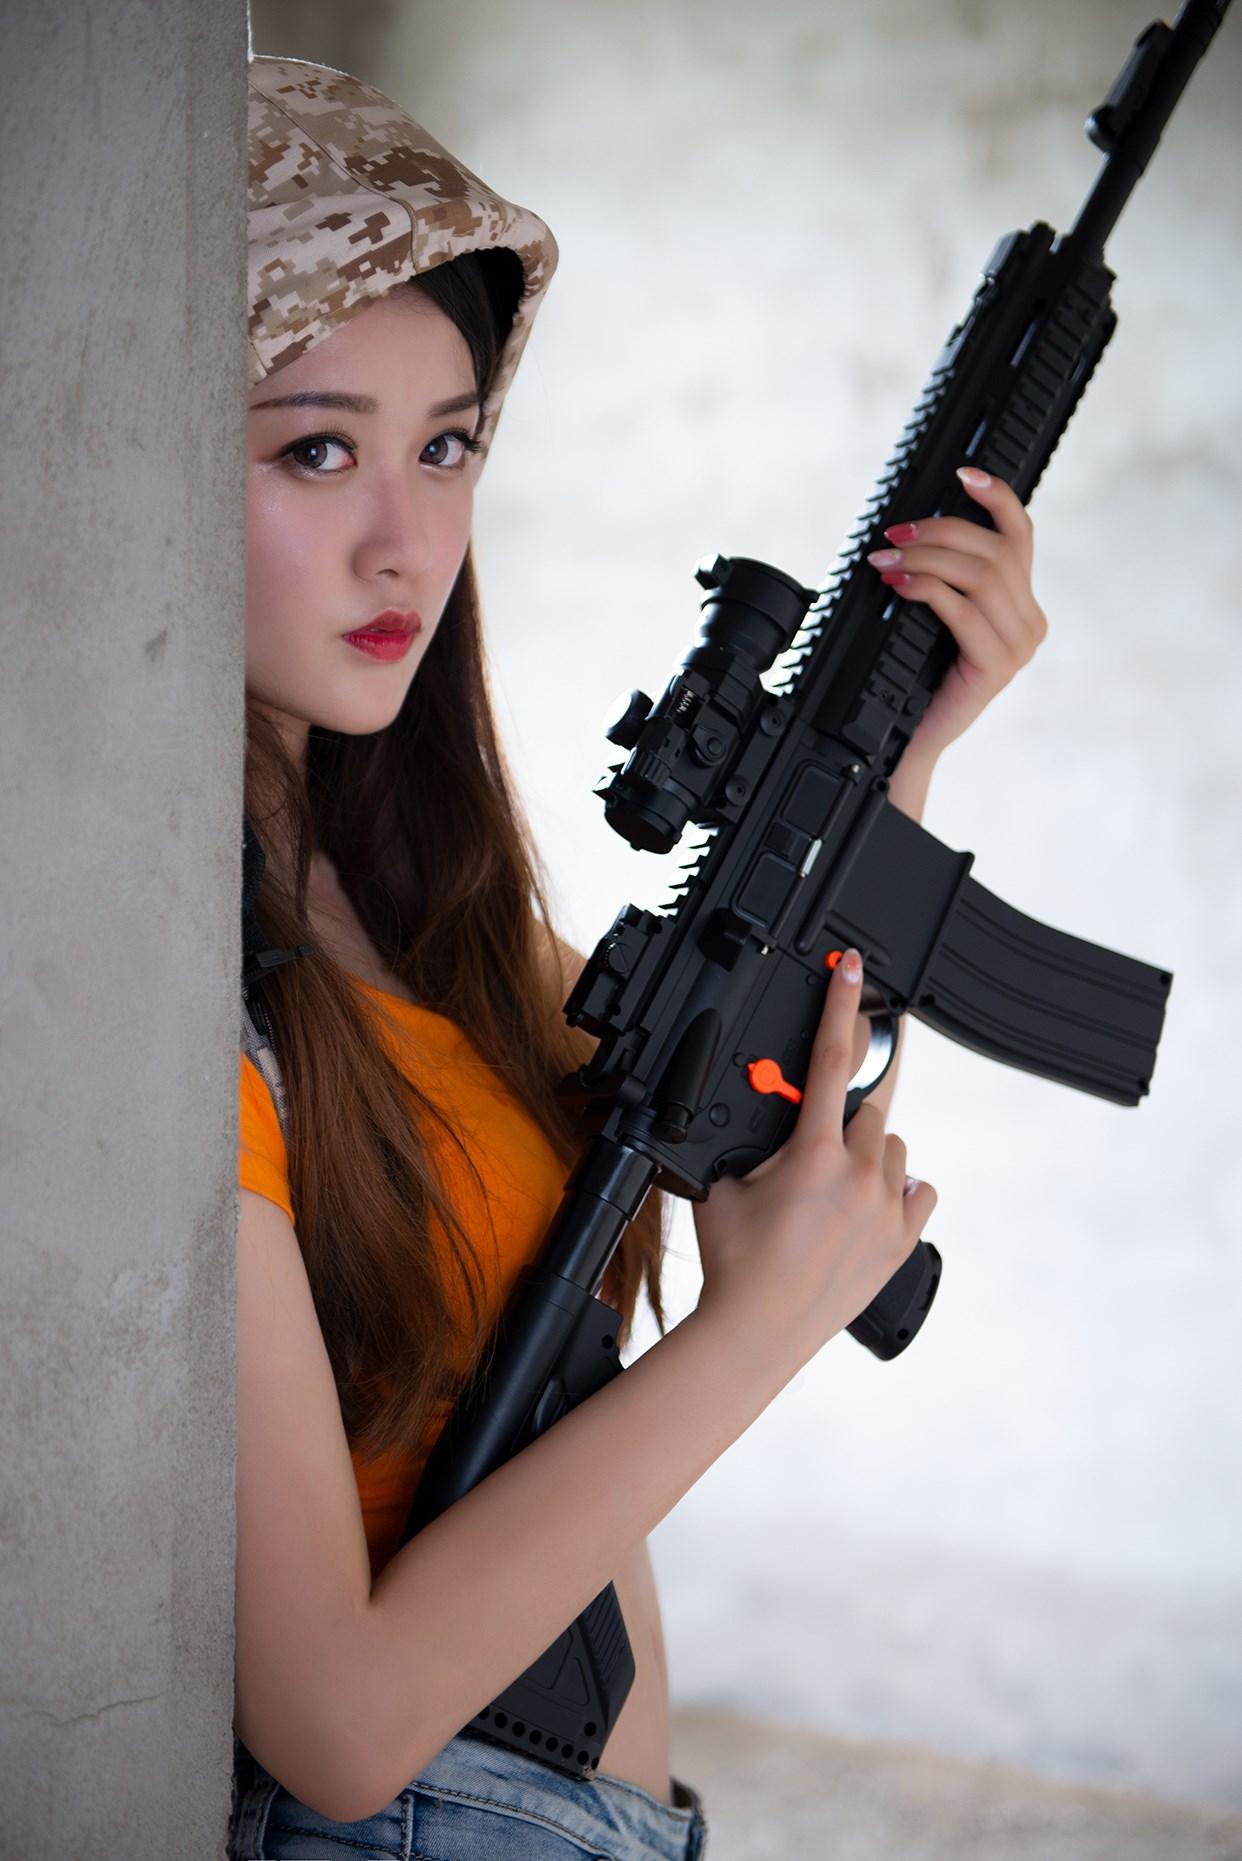 【兔玩映画】狙击少女 兔玩映画 第12张